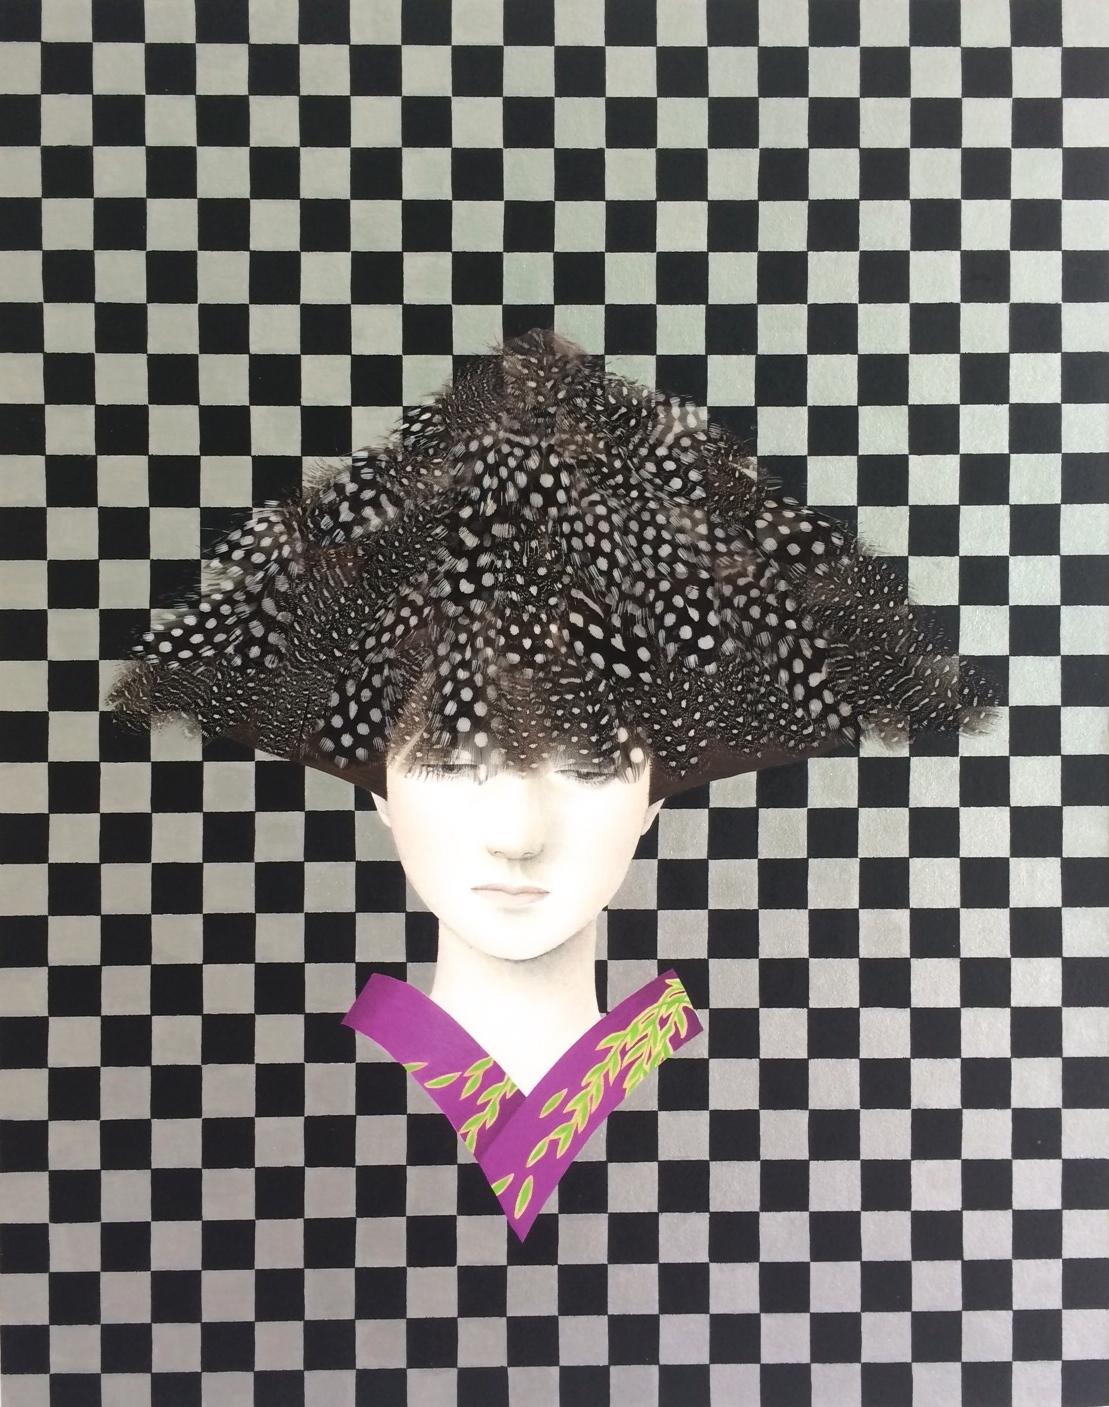 Yoshiwara Girl (Umbrella Lover)